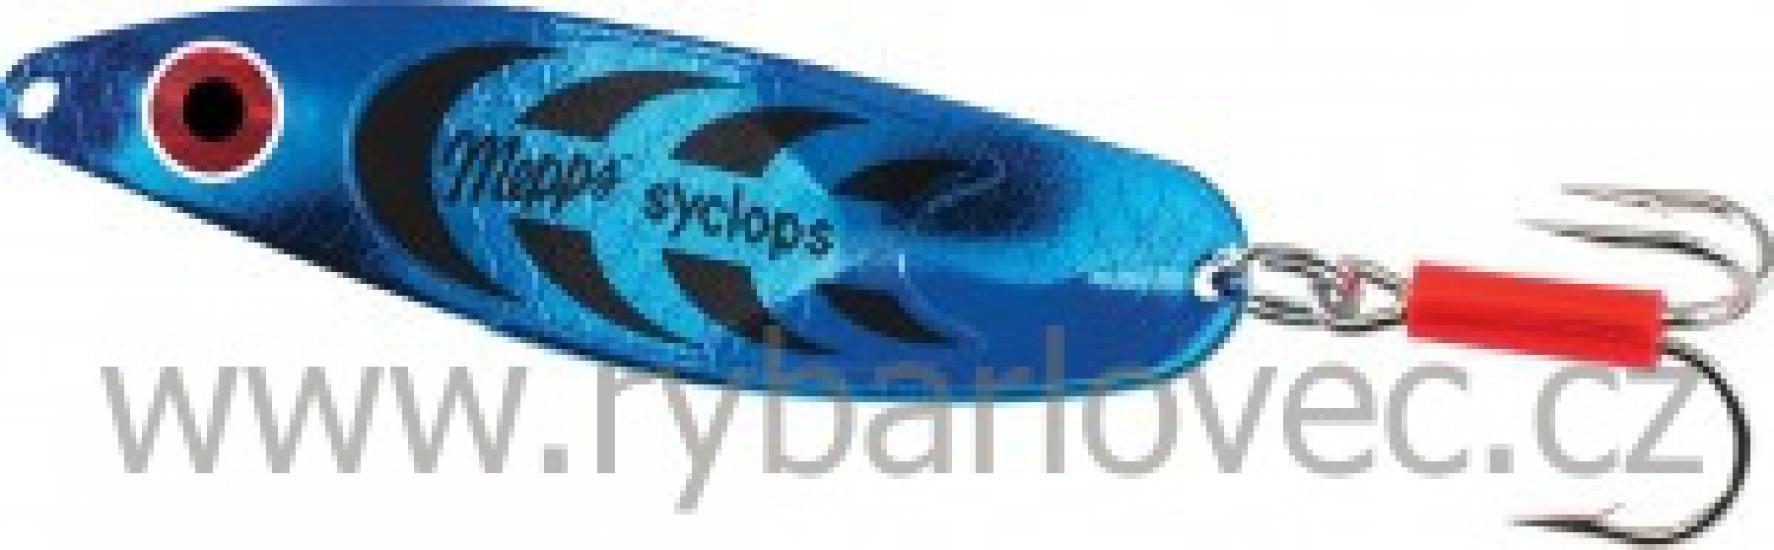 Mepps syclops platium modrá 0/8g